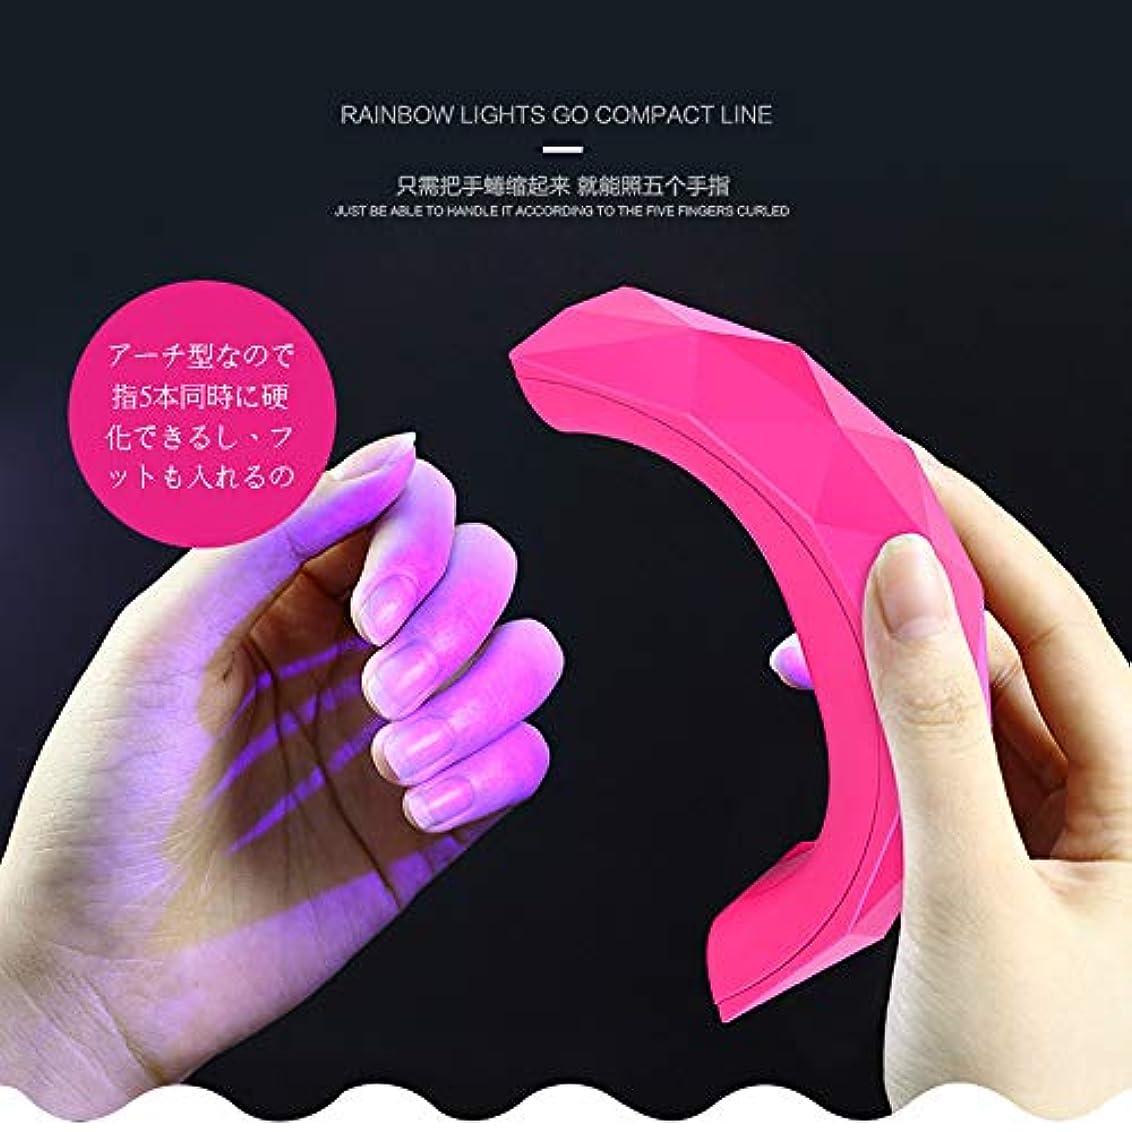 提唱するさようならに話すネイル道具?ケアツール 硬化用UVライトネイルジェルライト LED+UVライト二重光源搭載全ジェル対応 USB式 60Sタイマー設定 ジェルネイル用 (ピンク)